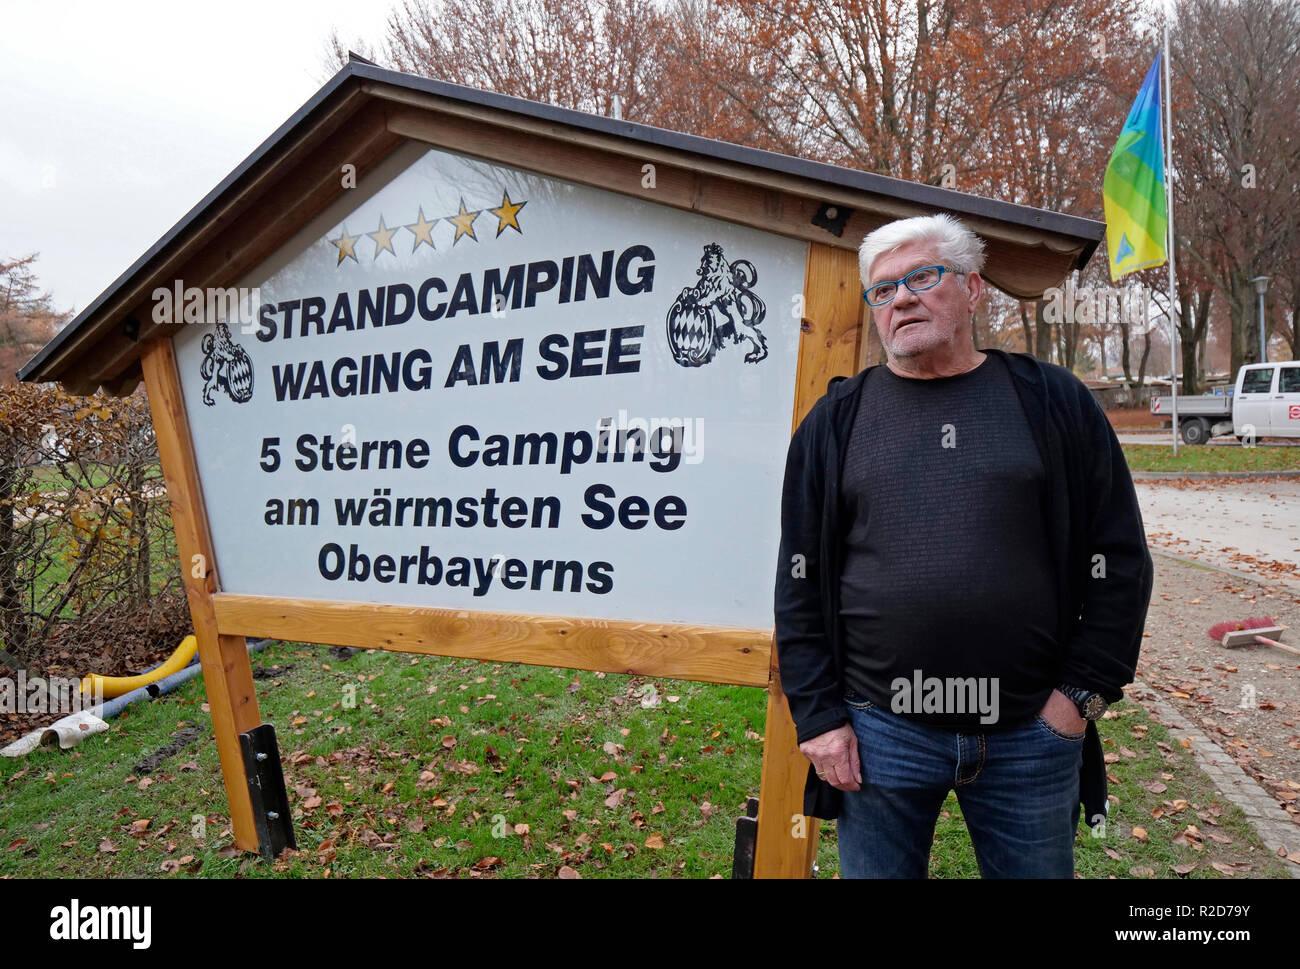 Werner Fußball Campingplatz